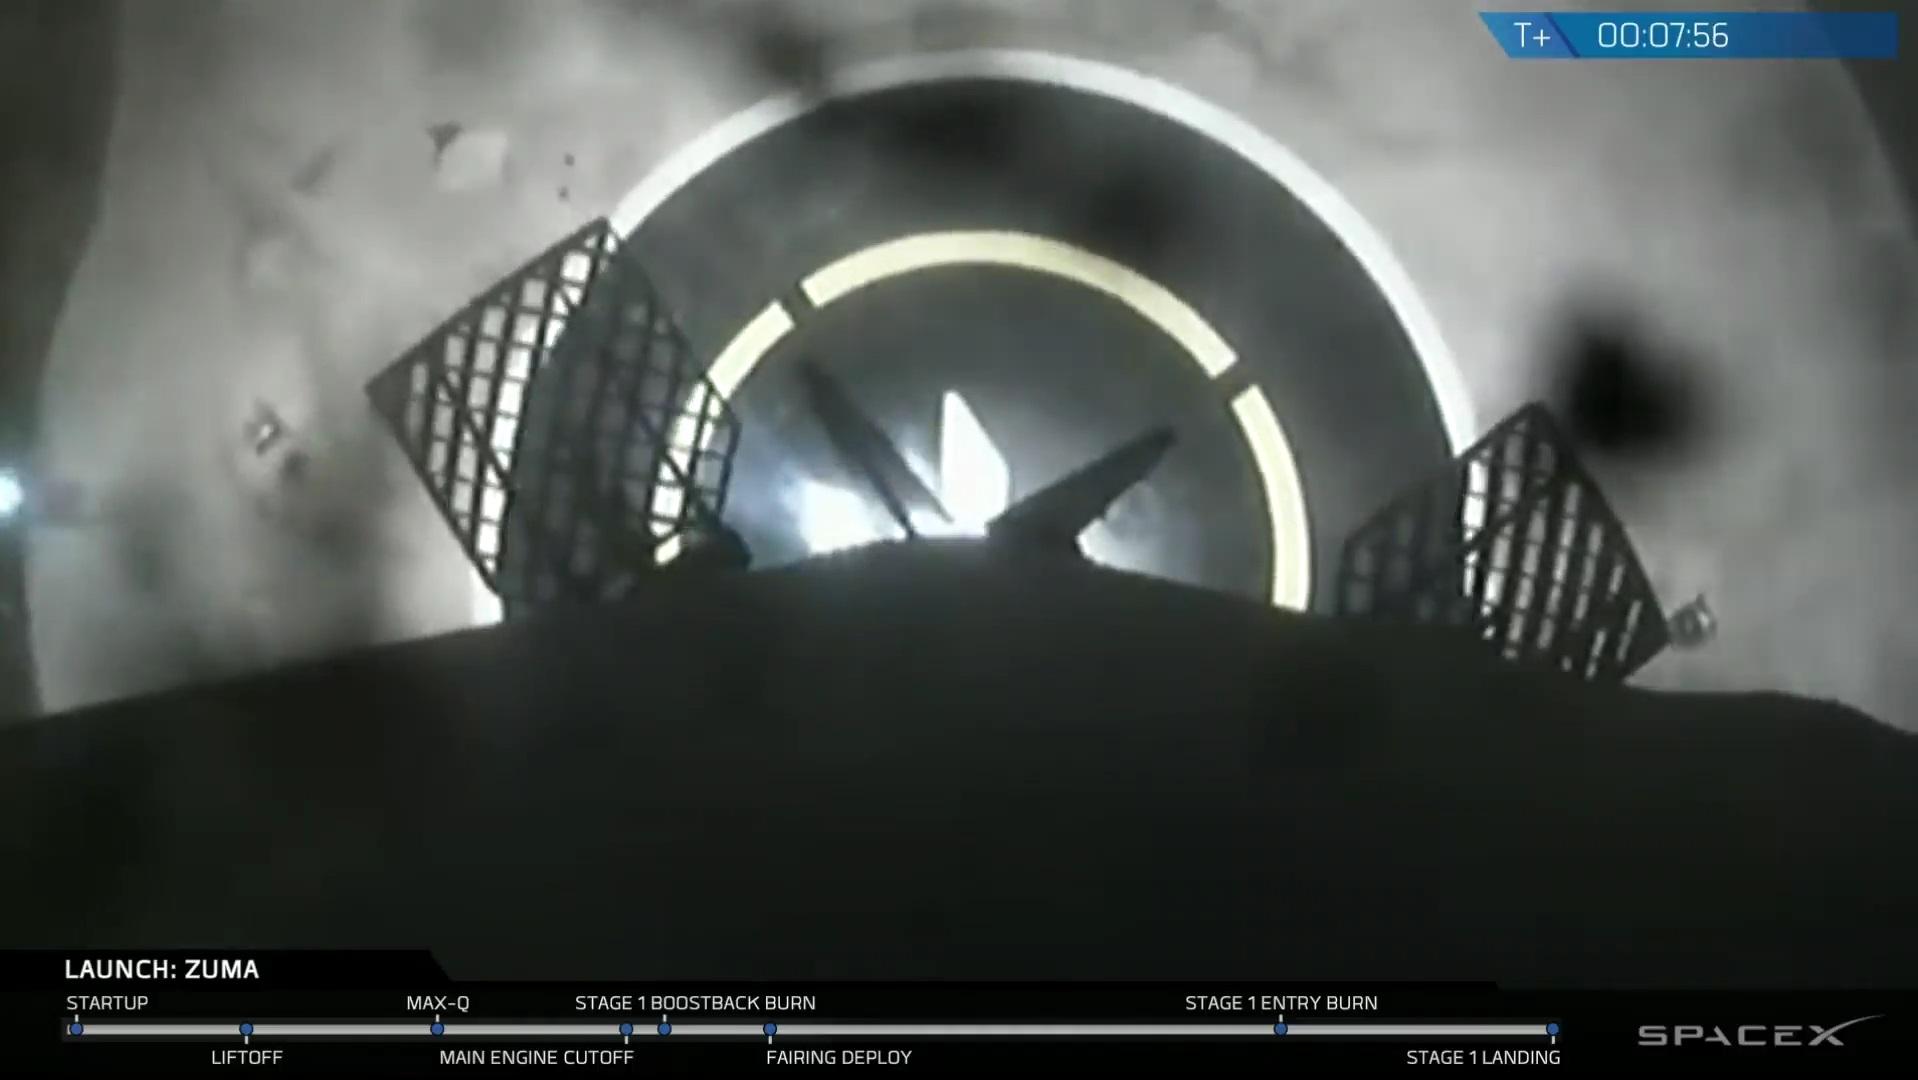 Top Secret Zuma Spacecraft Blasts Off On First Spacex